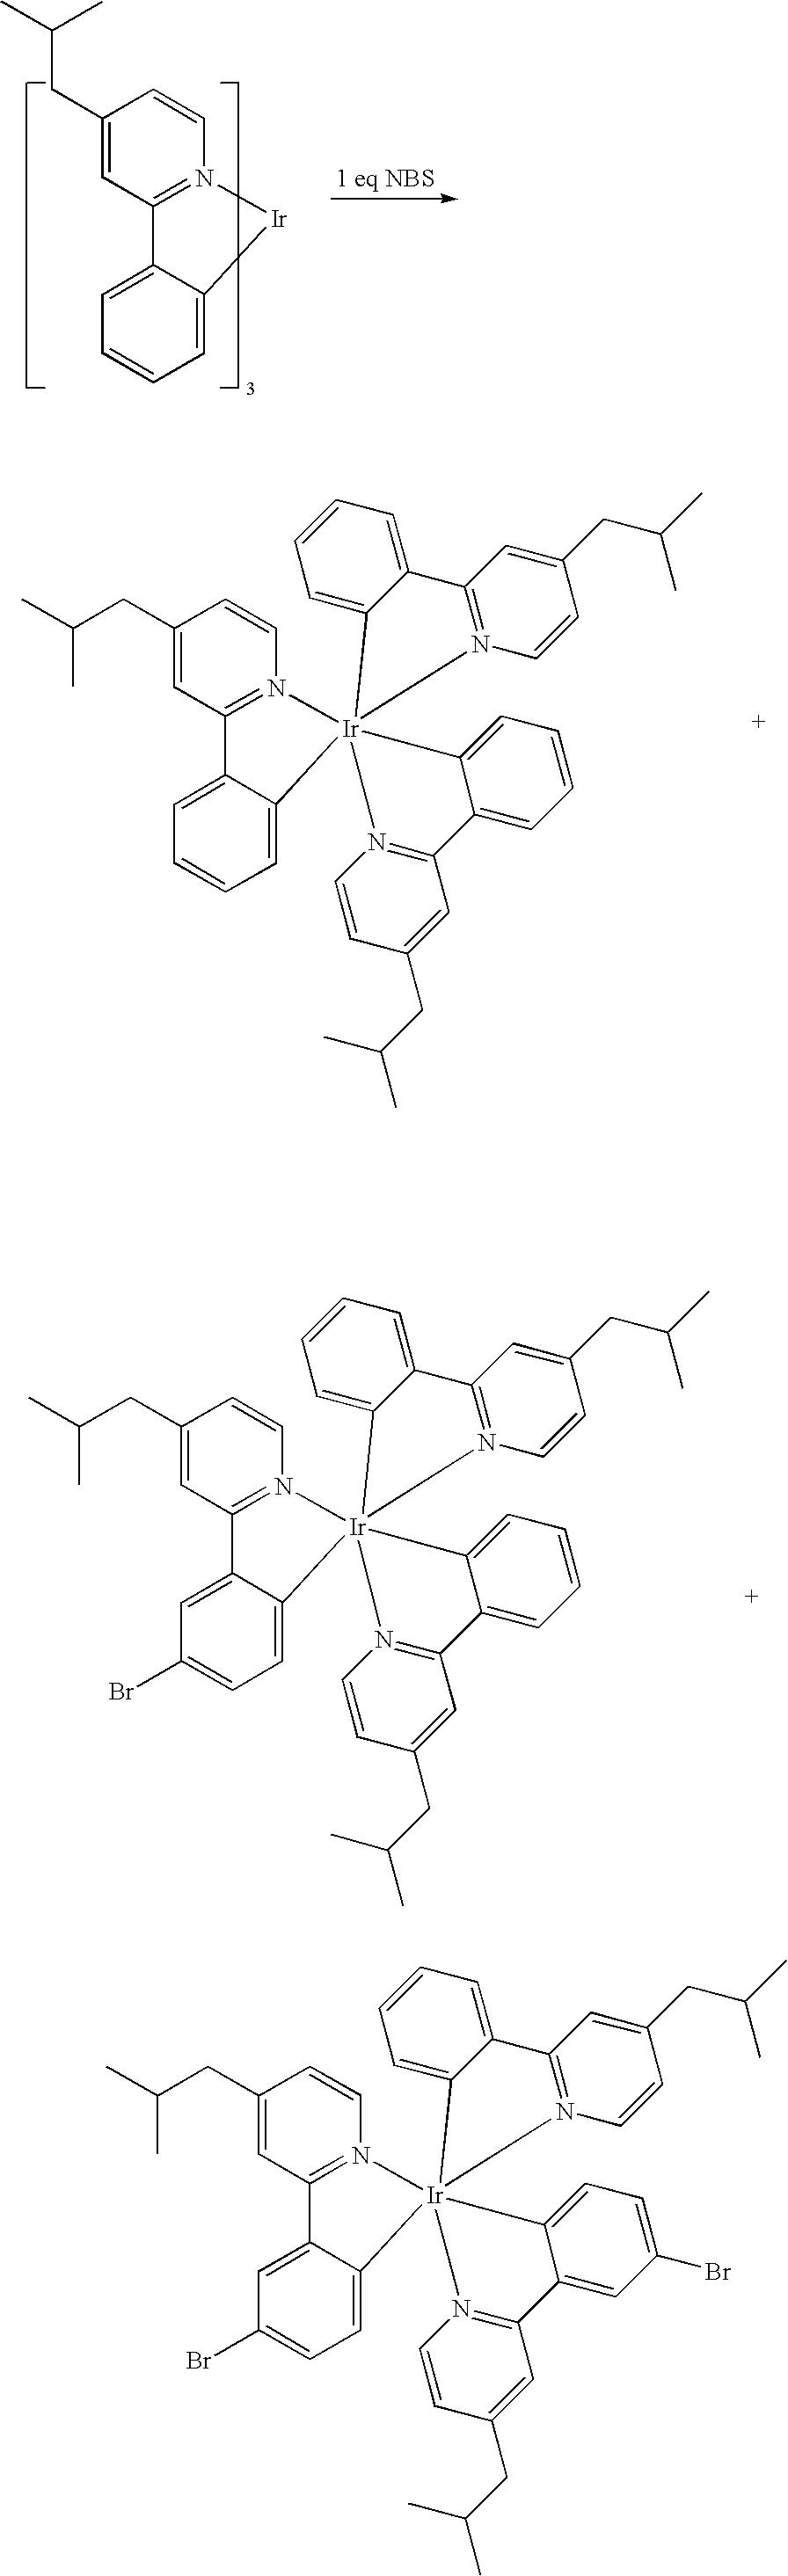 Figure US20090108737A1-20090430-C00045